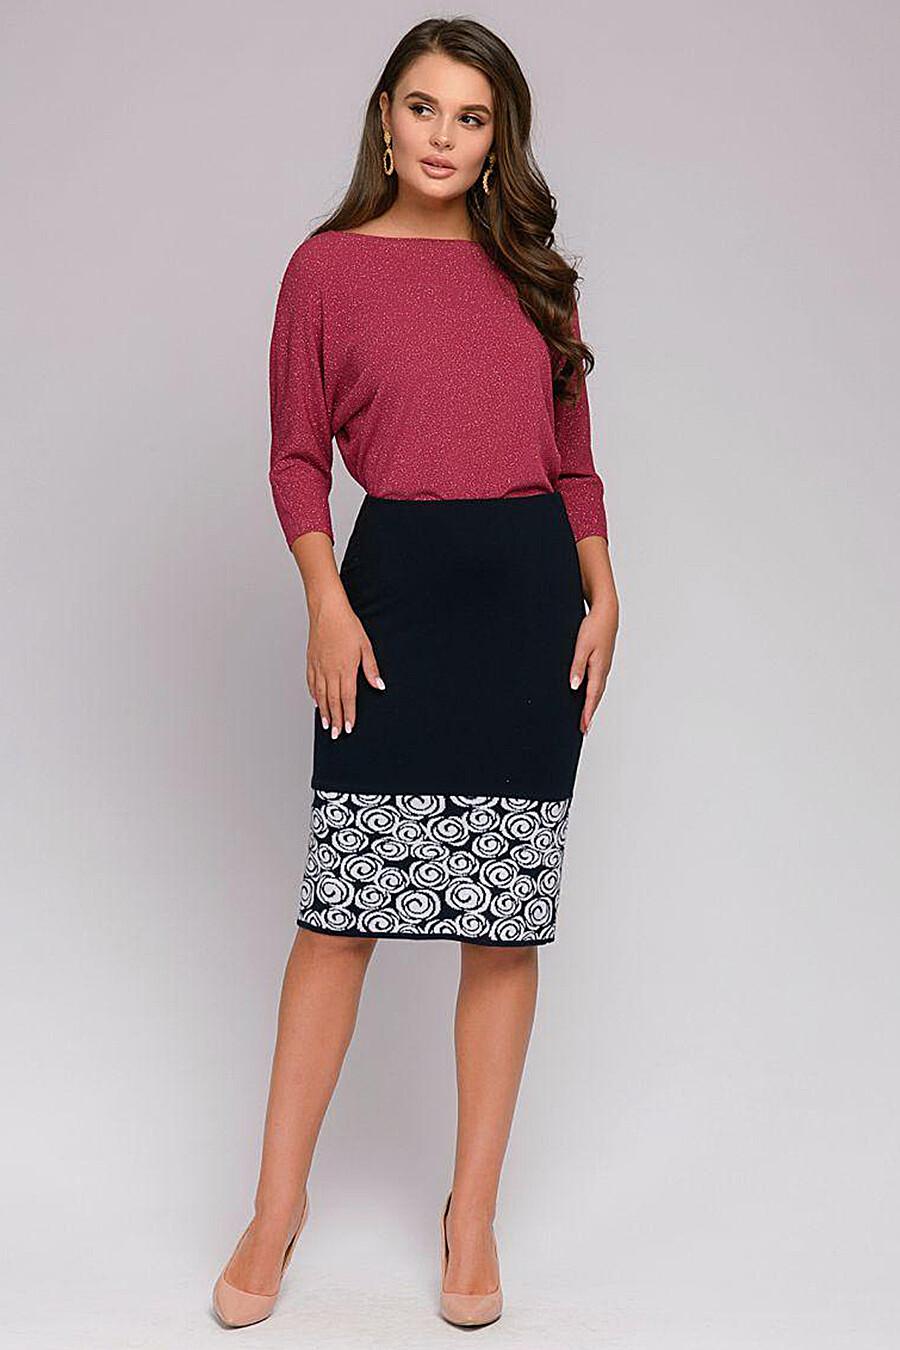 Джемпер для женщин 1001 DRESS 147651 купить оптом от производителя. Совместная покупка женской одежды в OptMoyo